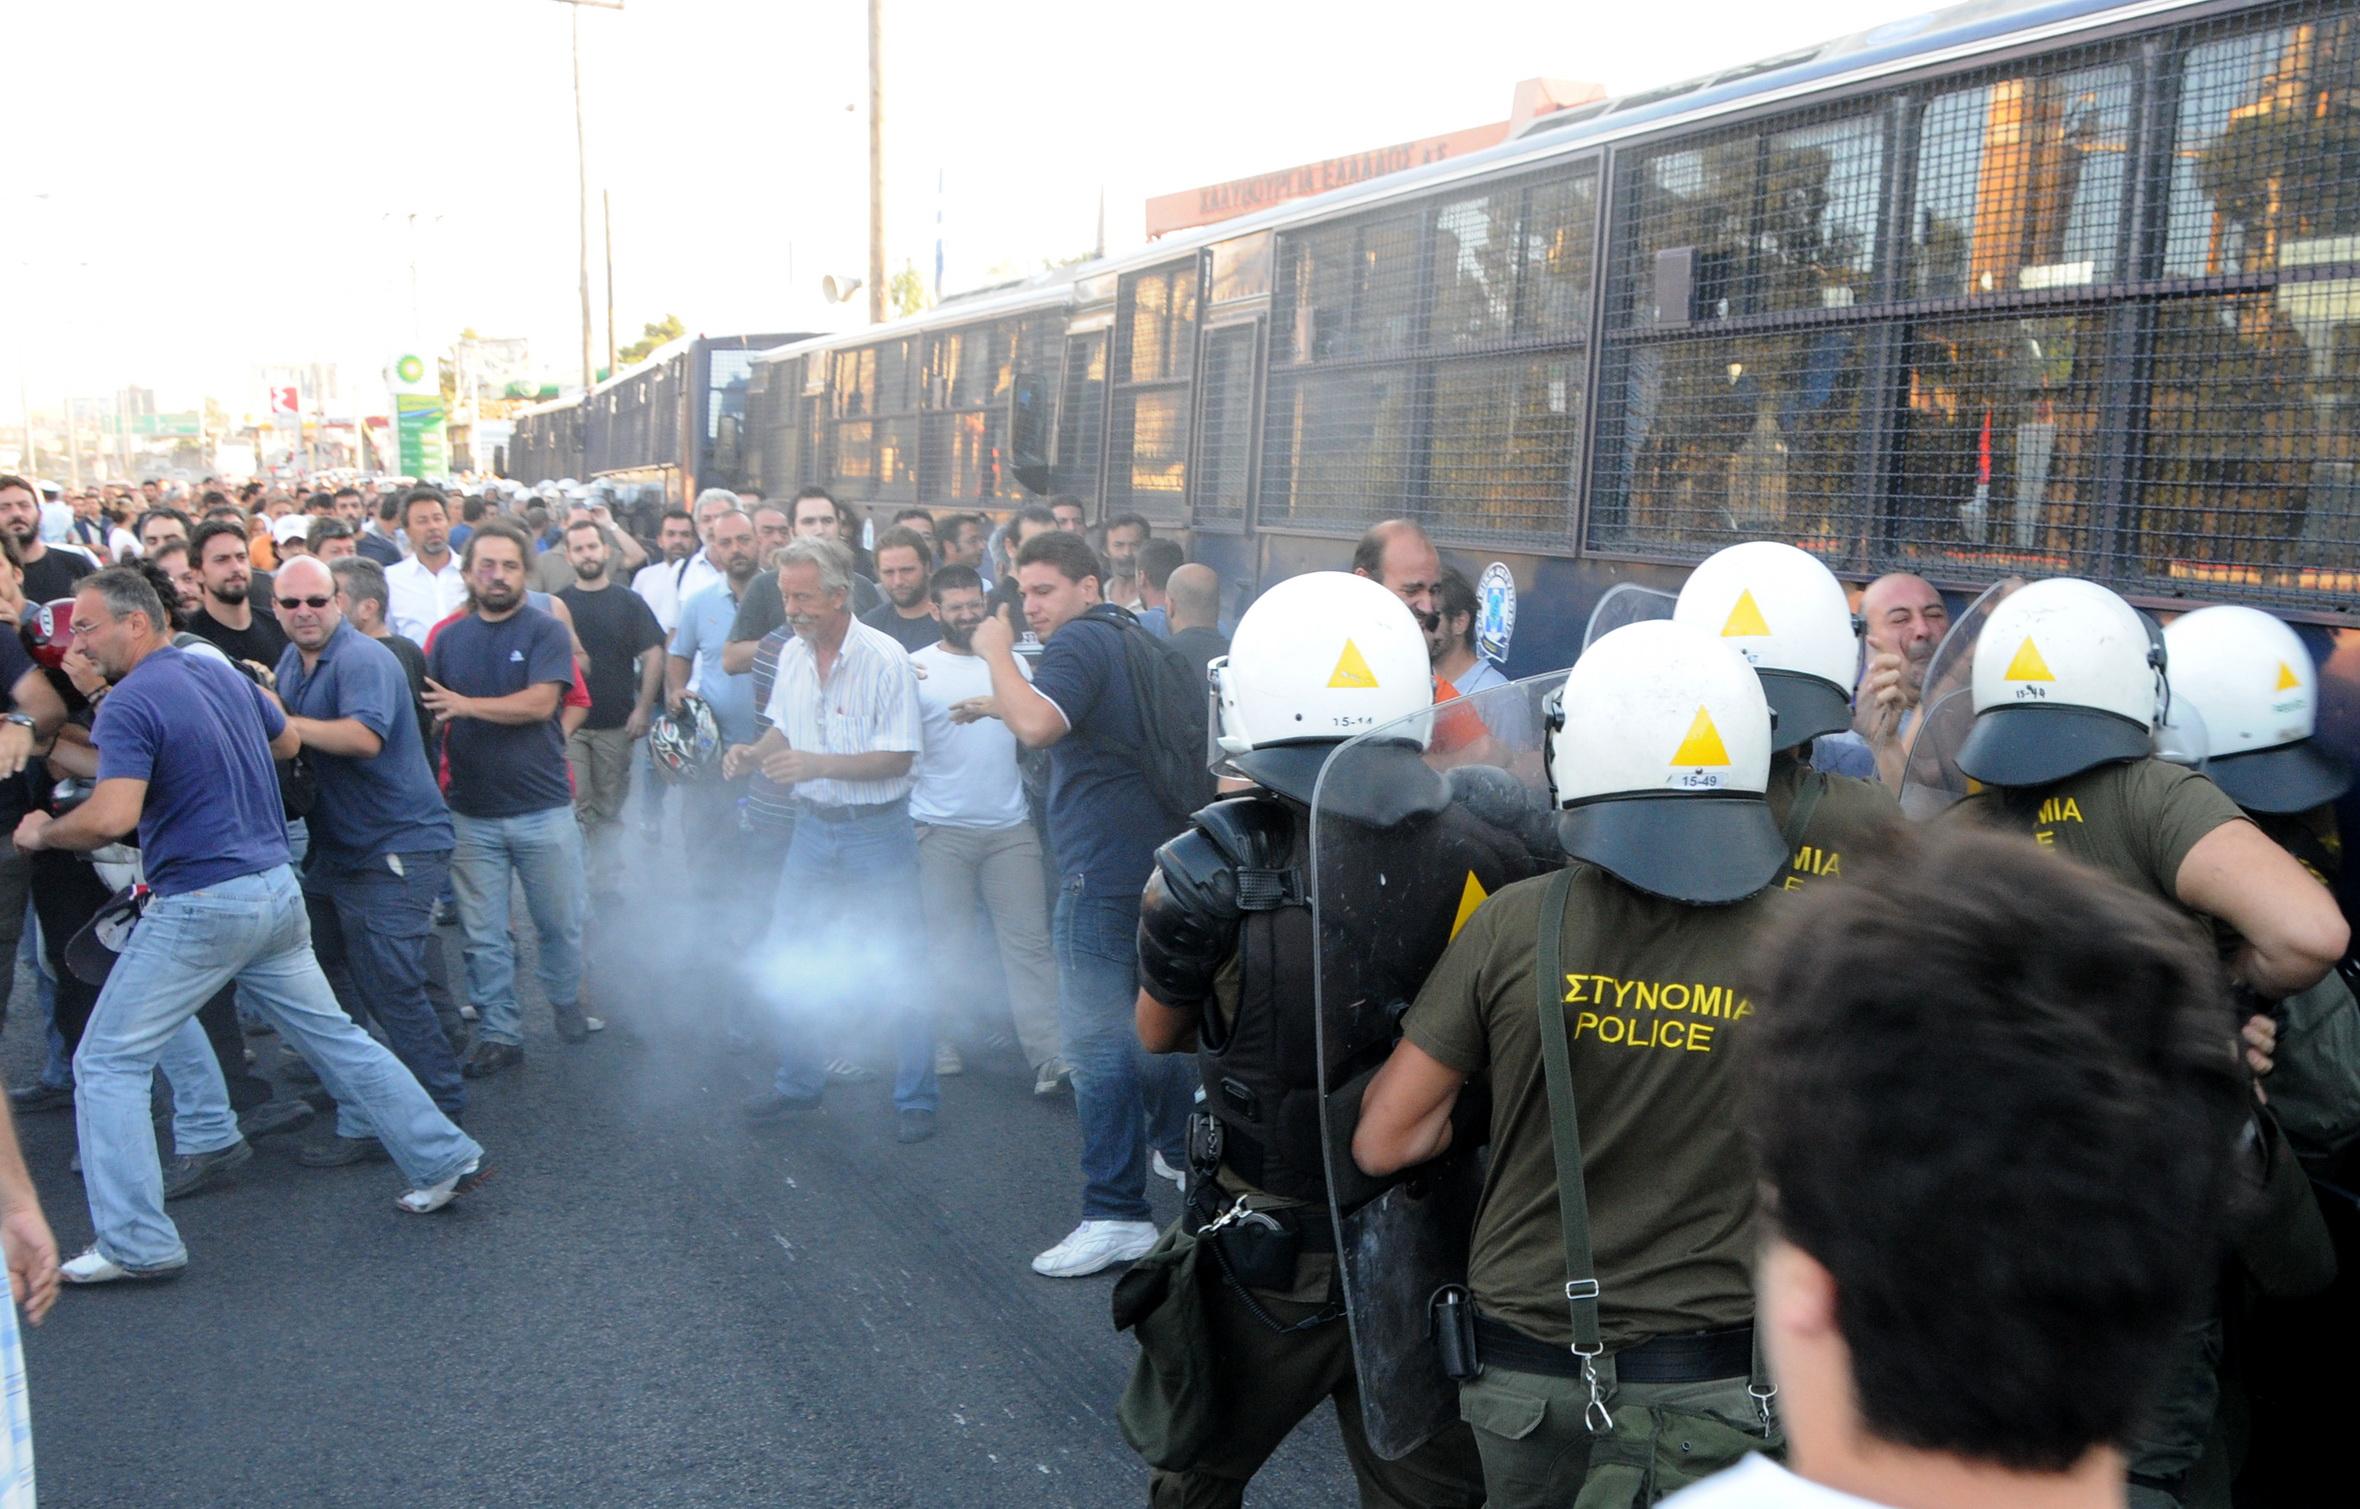 Solidarität mit den streikenden Stahlarbeitern in Griechenland!